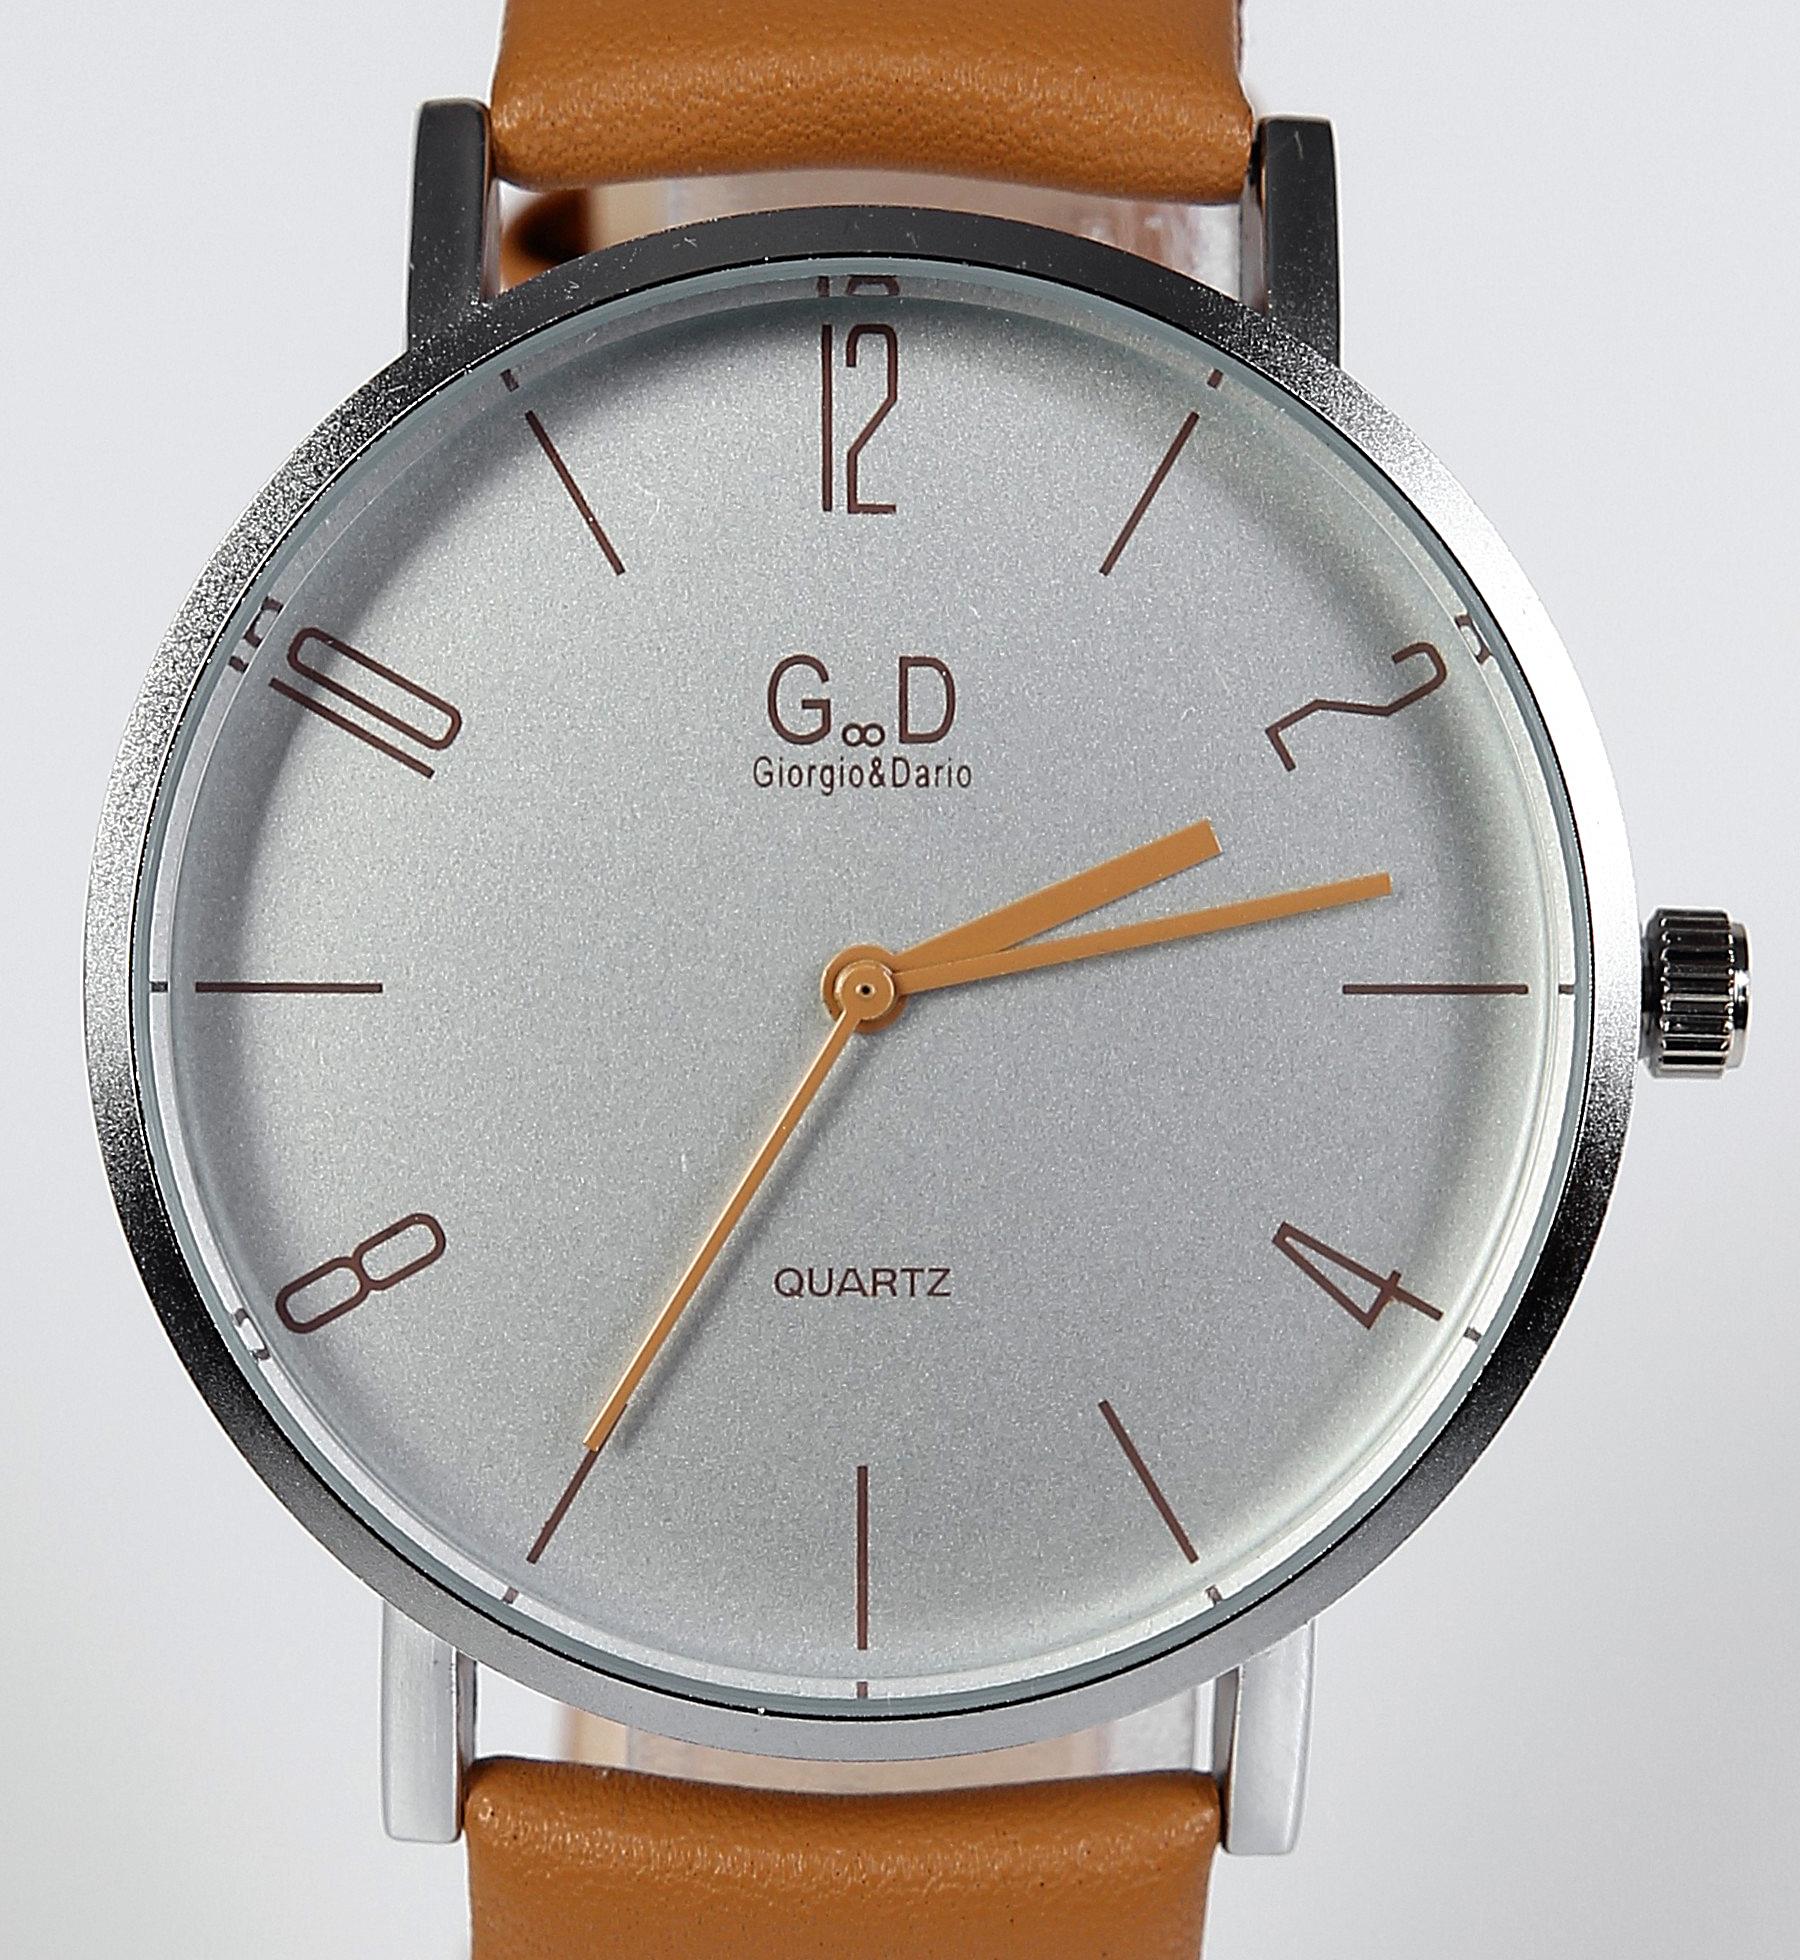 G&D GD-OB001